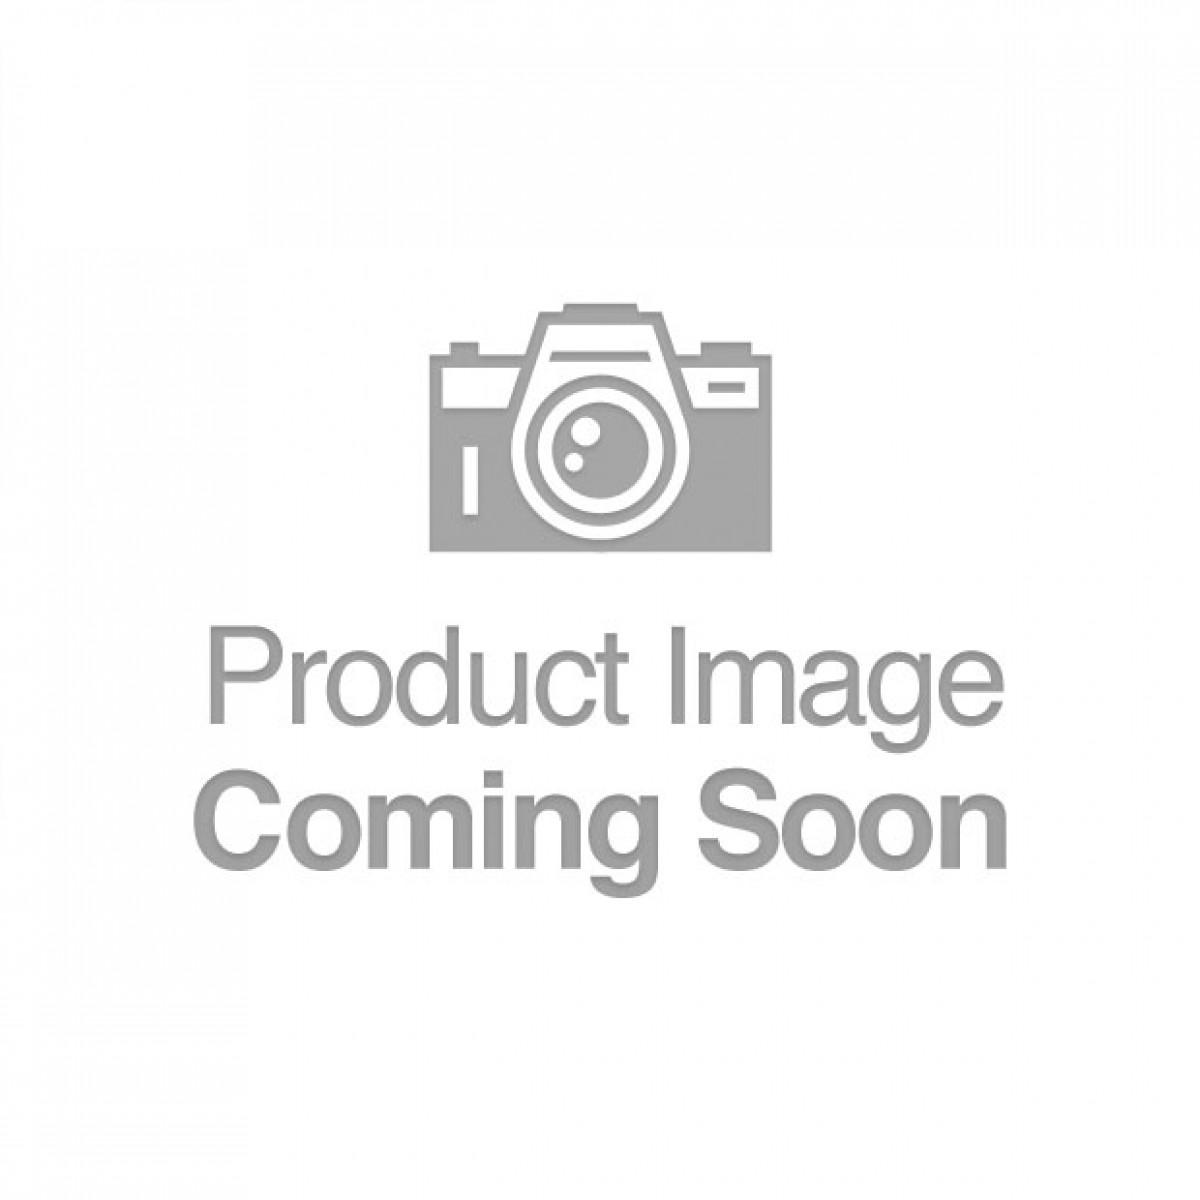 Adam Male Silicone Glide - 8.6 oz Clear